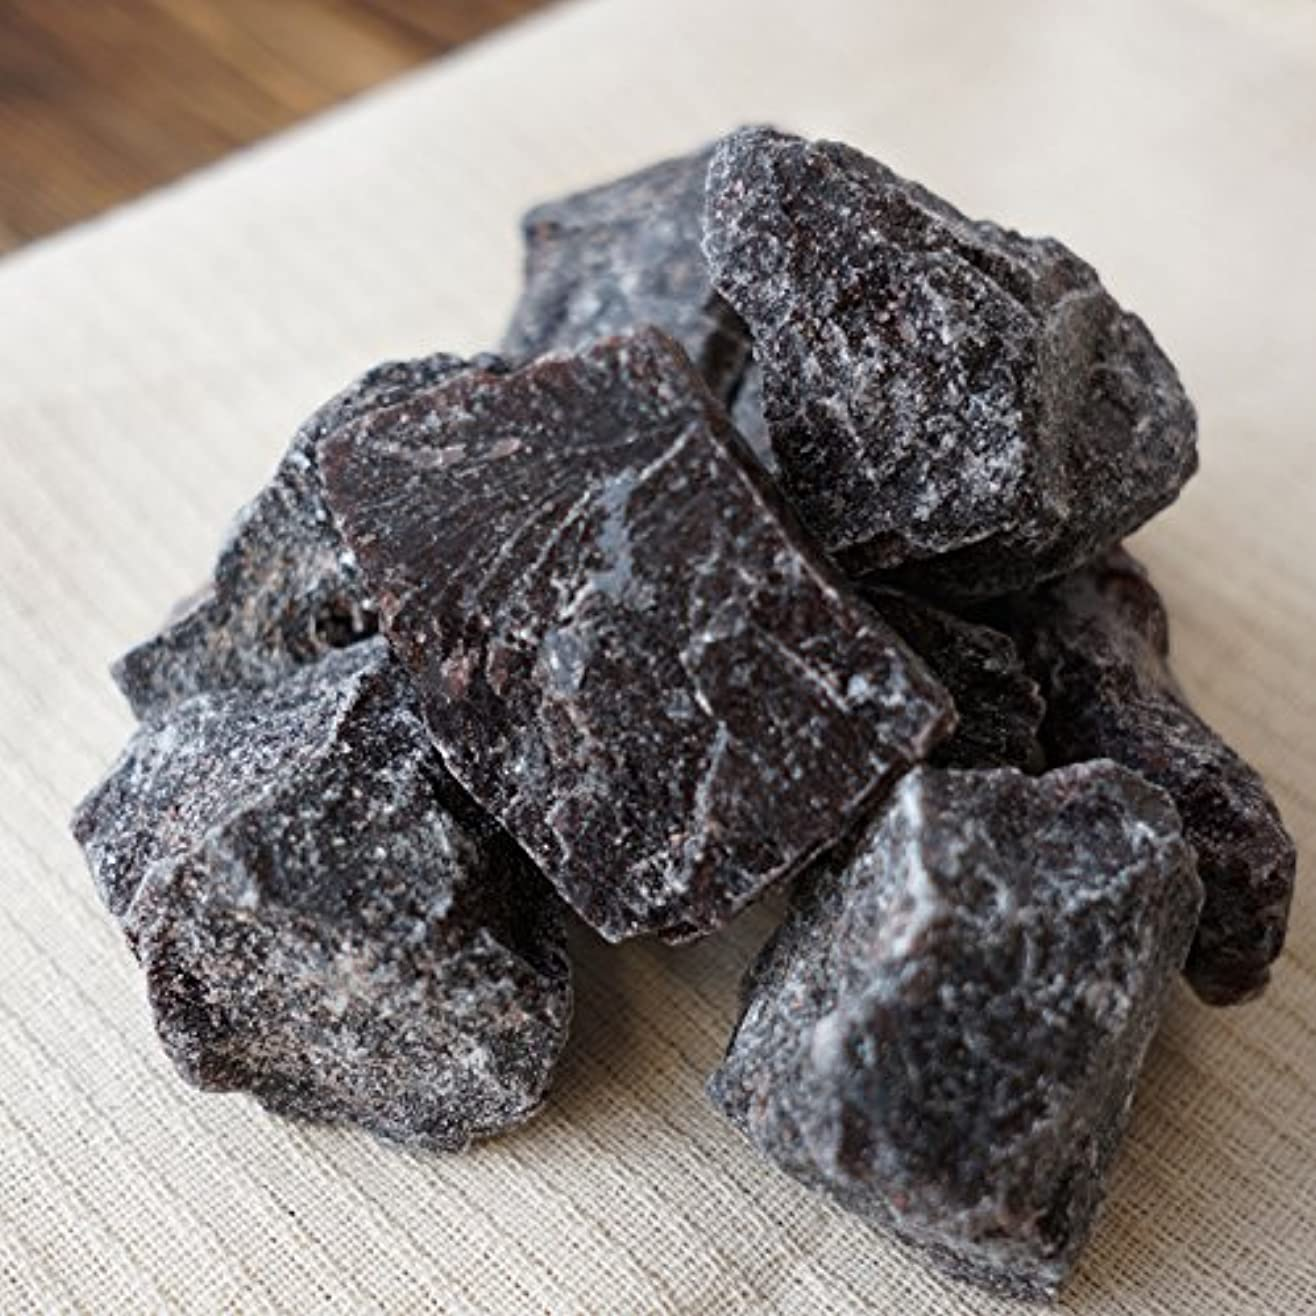 病気始まり妨げる希少 インド岩塩 ルビー ブロック 約2-5cm 10kg 10,000g 原料